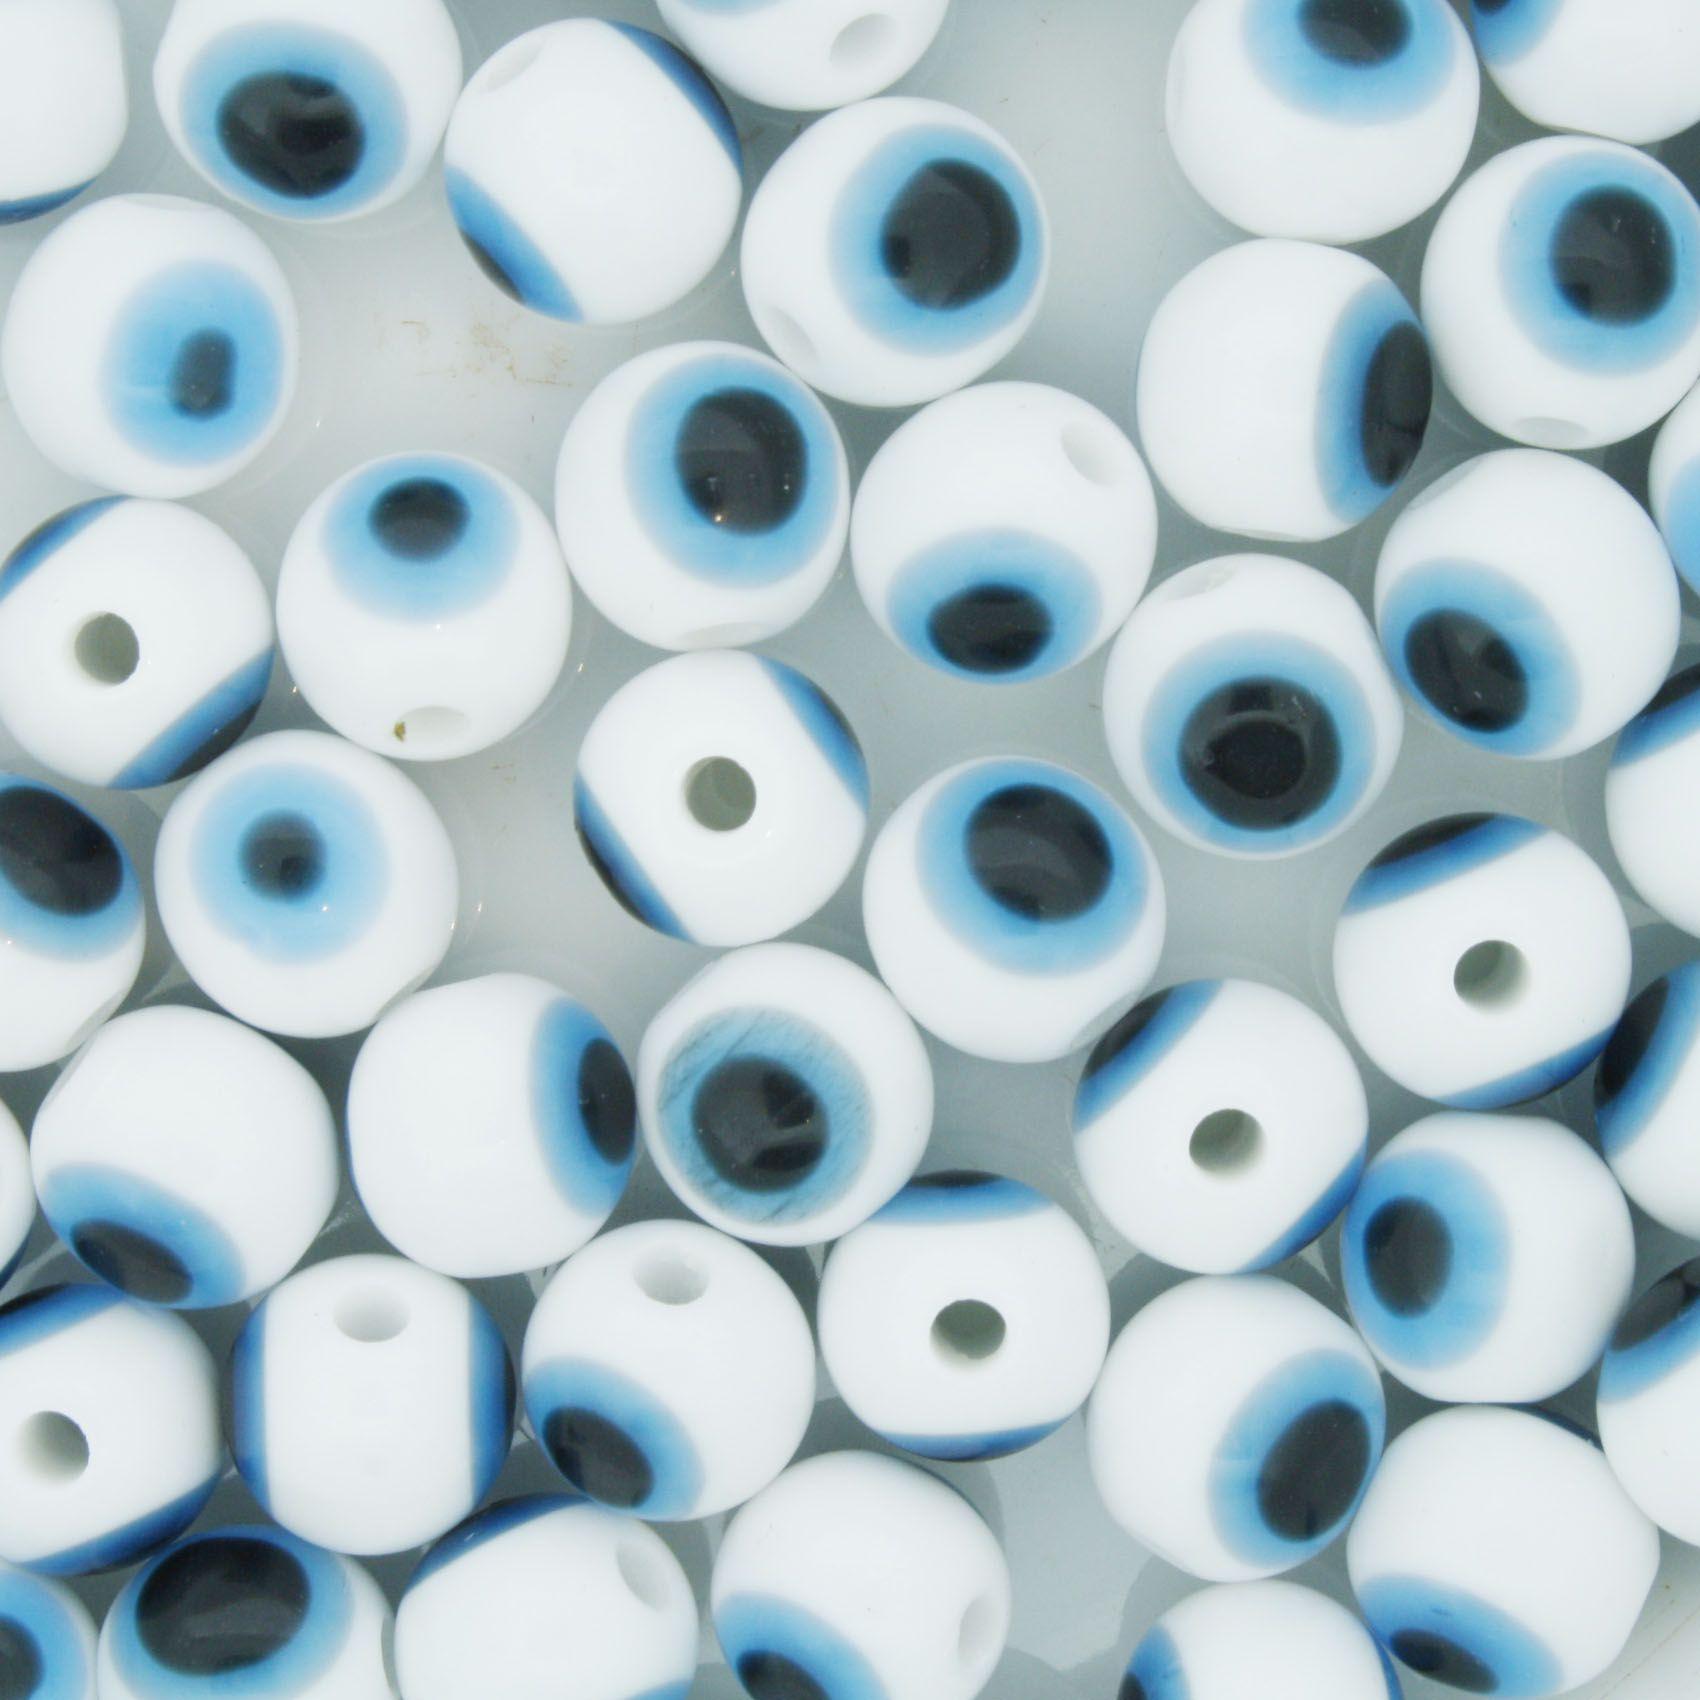 Bolinha - Olho Grego - Branco - 8mm  - Stéphanie Bijoux® - Peças para Bijuterias e Artesanato